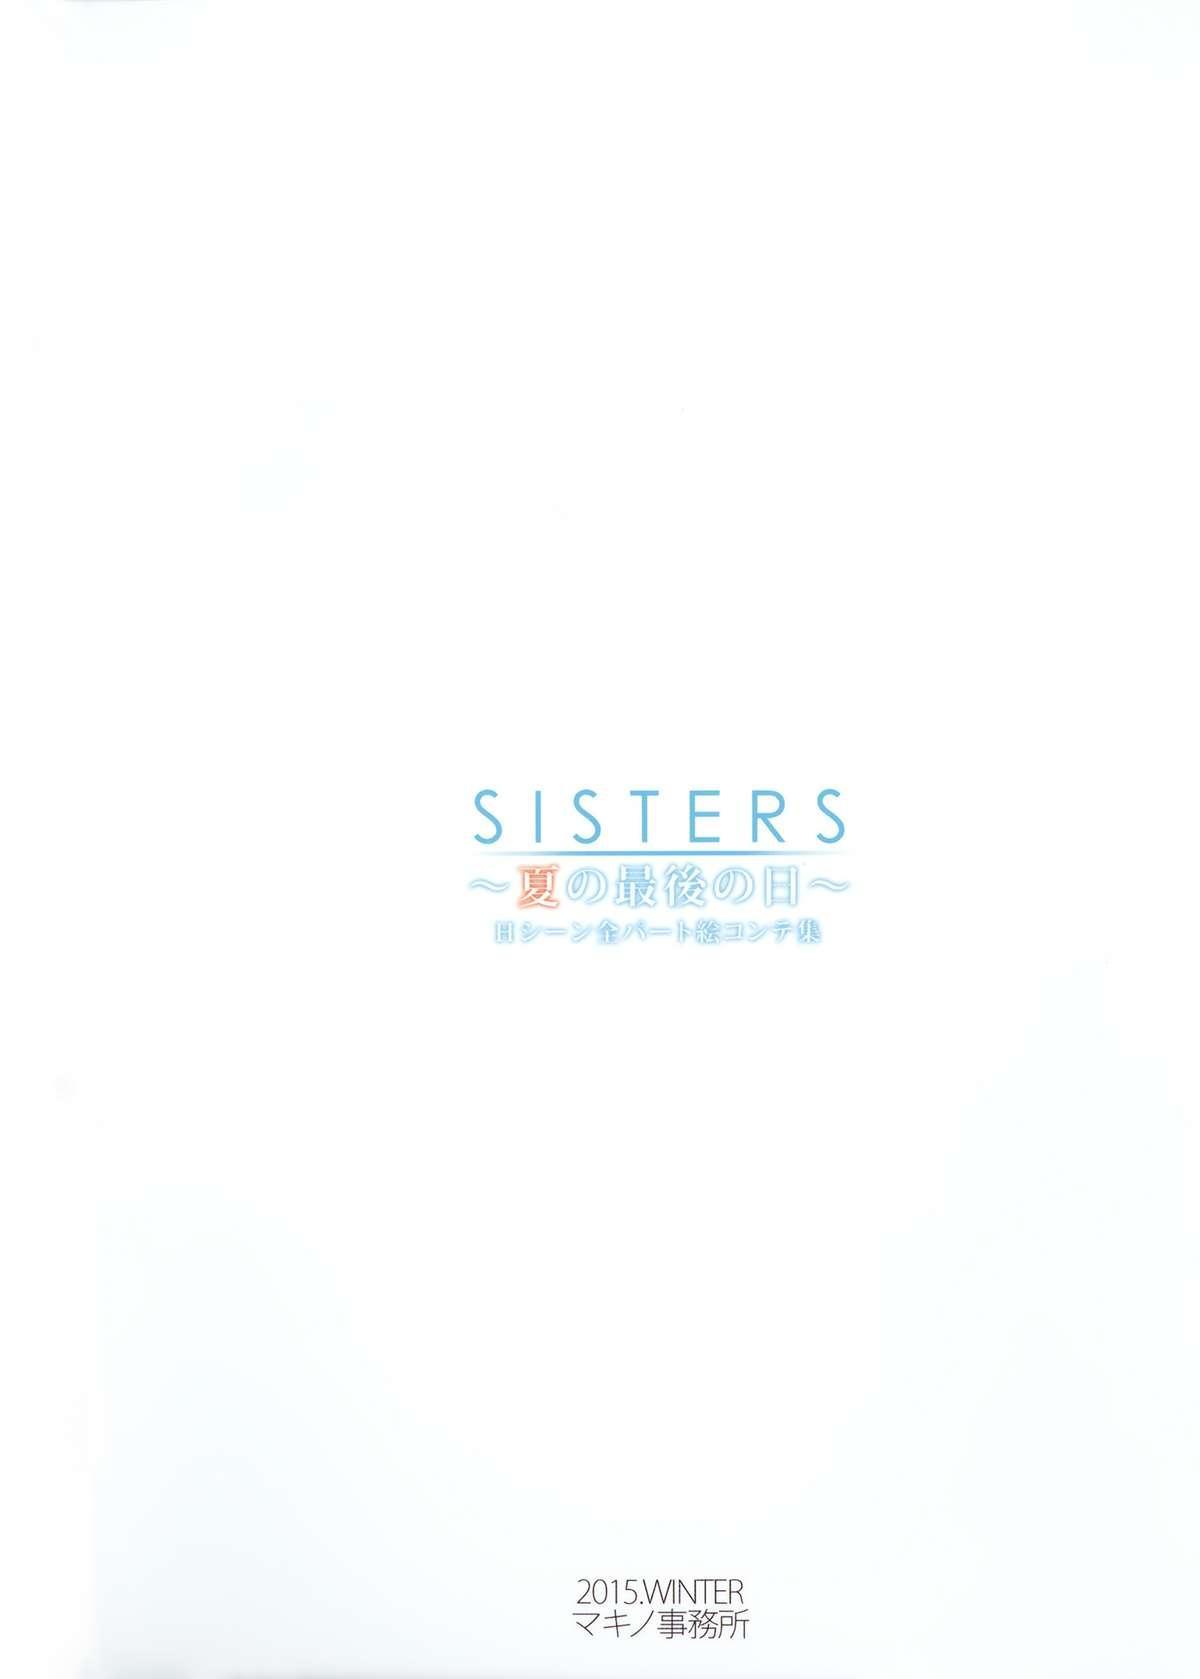 (C89) [Makino Jimusho (Taki Minashika)] SISTERS -Natsu no Saigo no Hi- H Scene All Part Storyboard (SISTERS -Natsu no Saigo no Hi-) 147